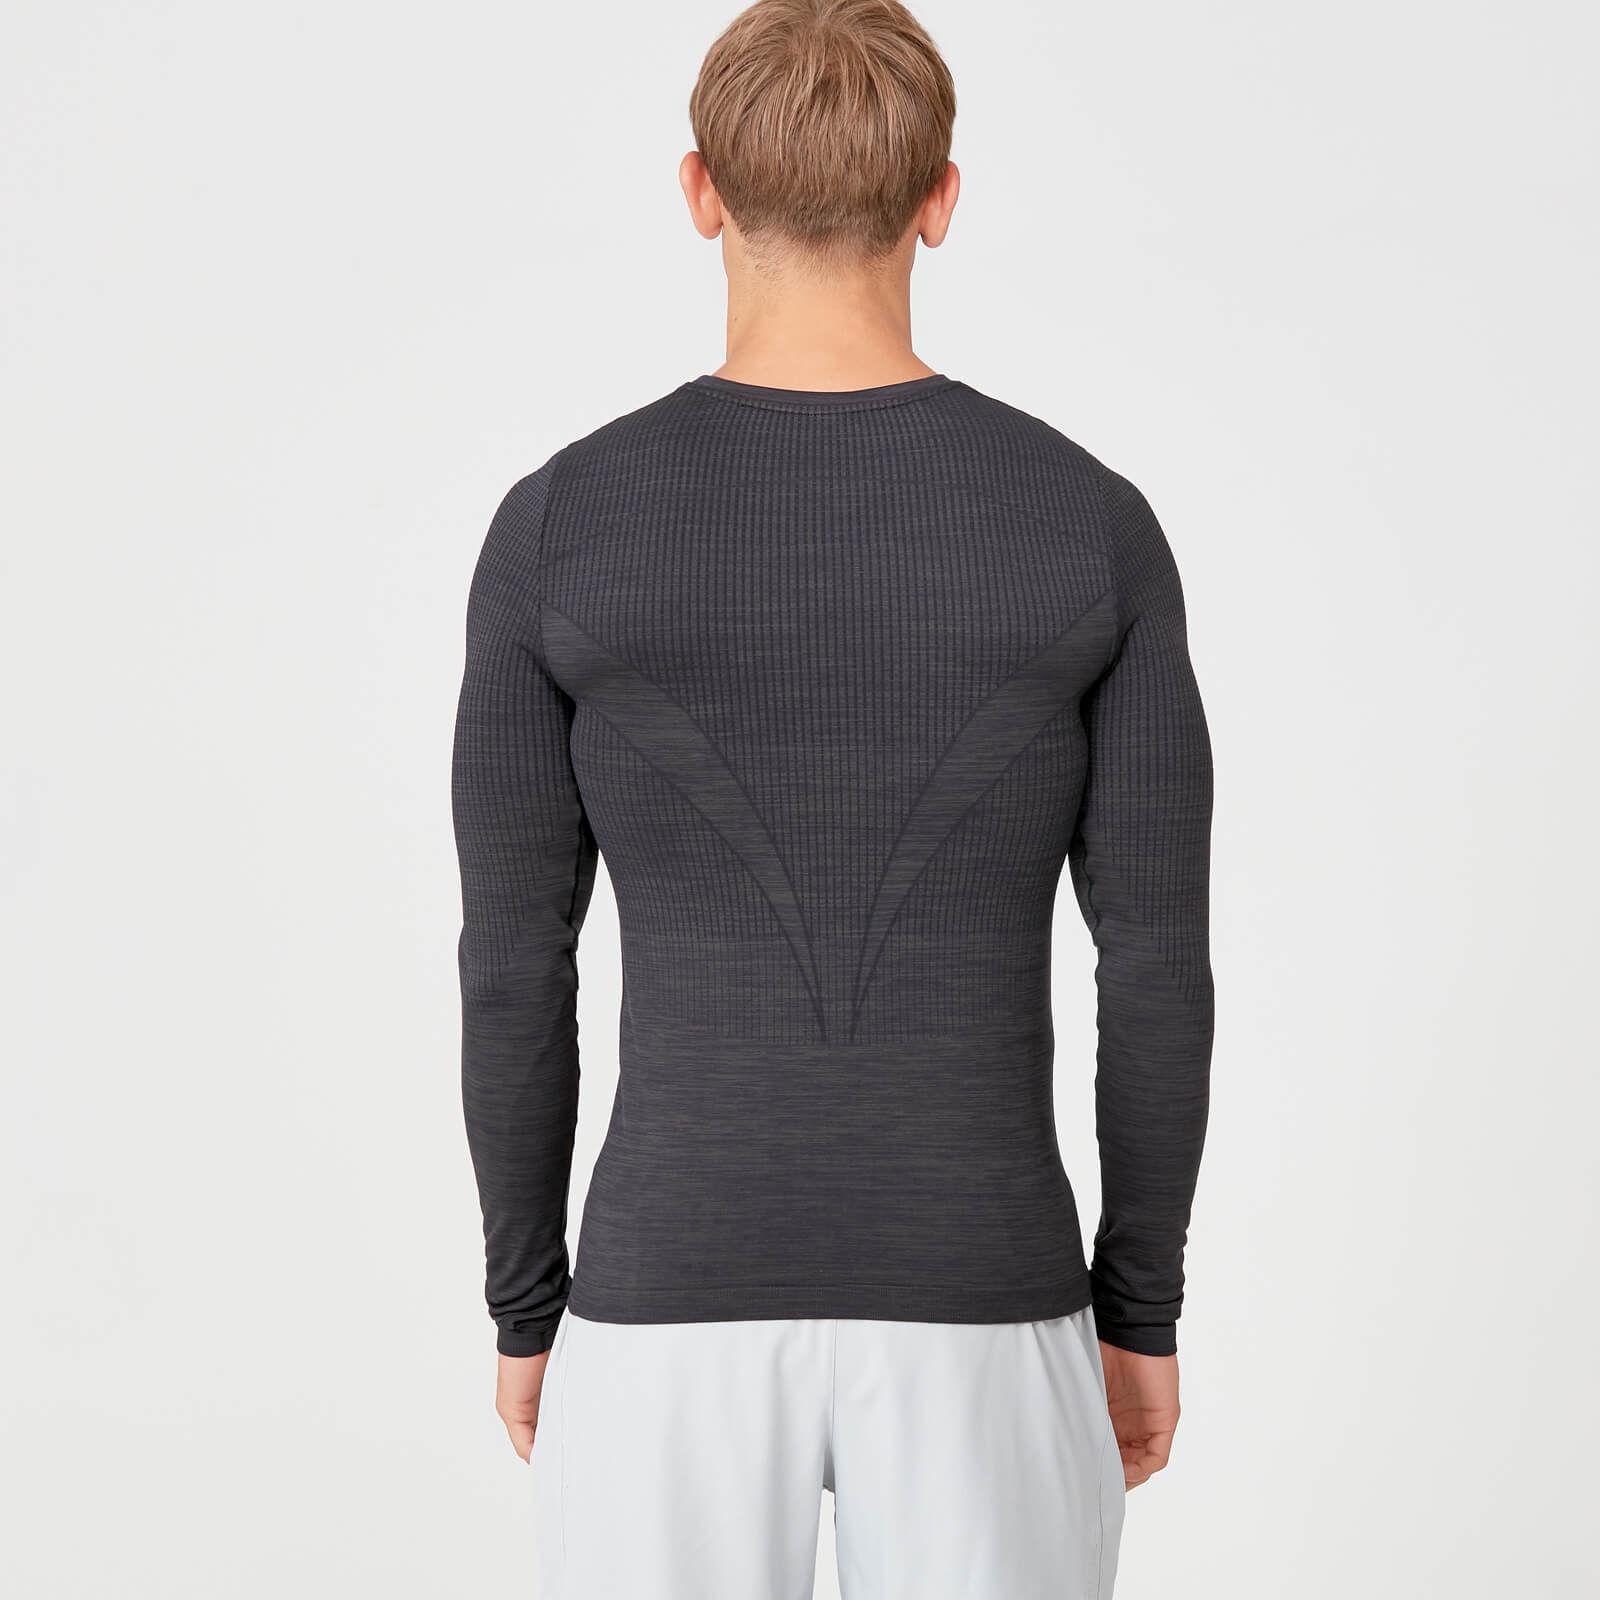 Sculpt Seamless Long-Sleeve T-Shirt